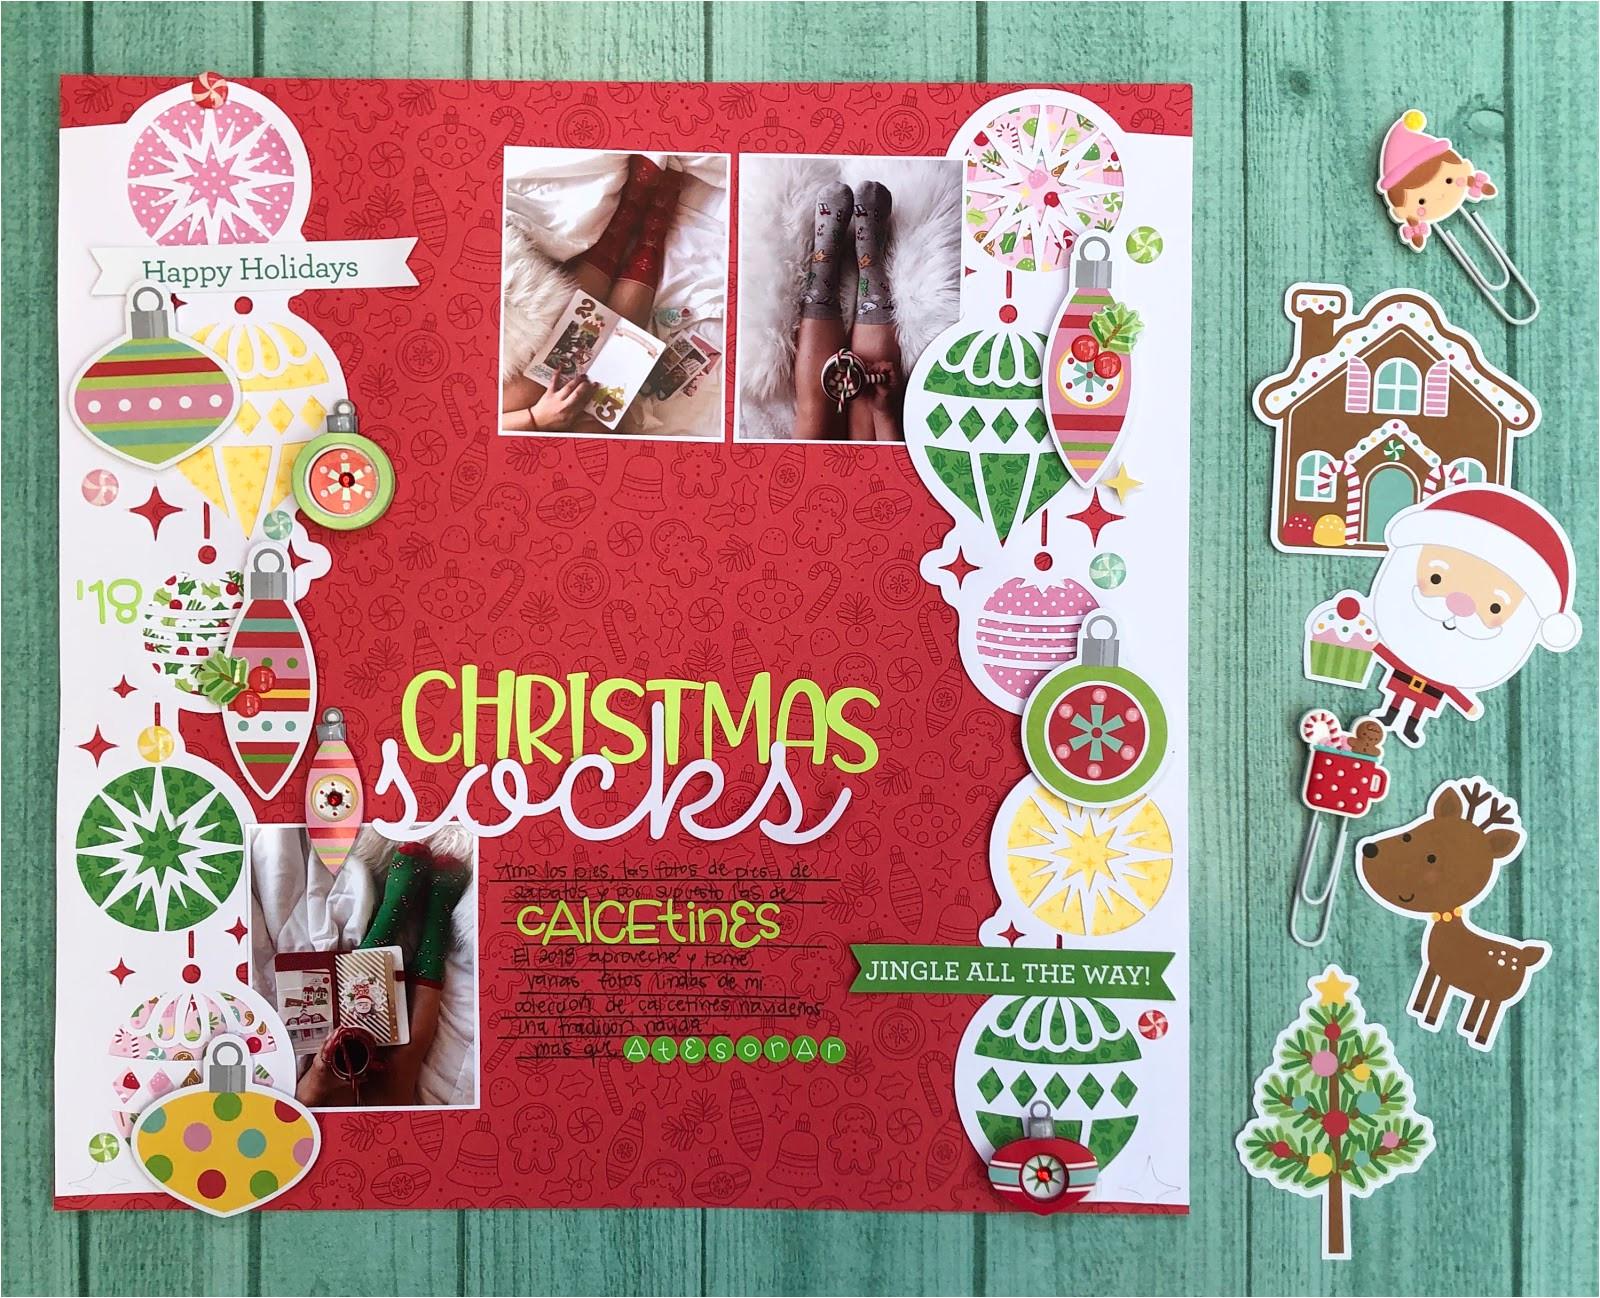 doodlebug 2bdesign christmasmagic carolischulz2 jpg